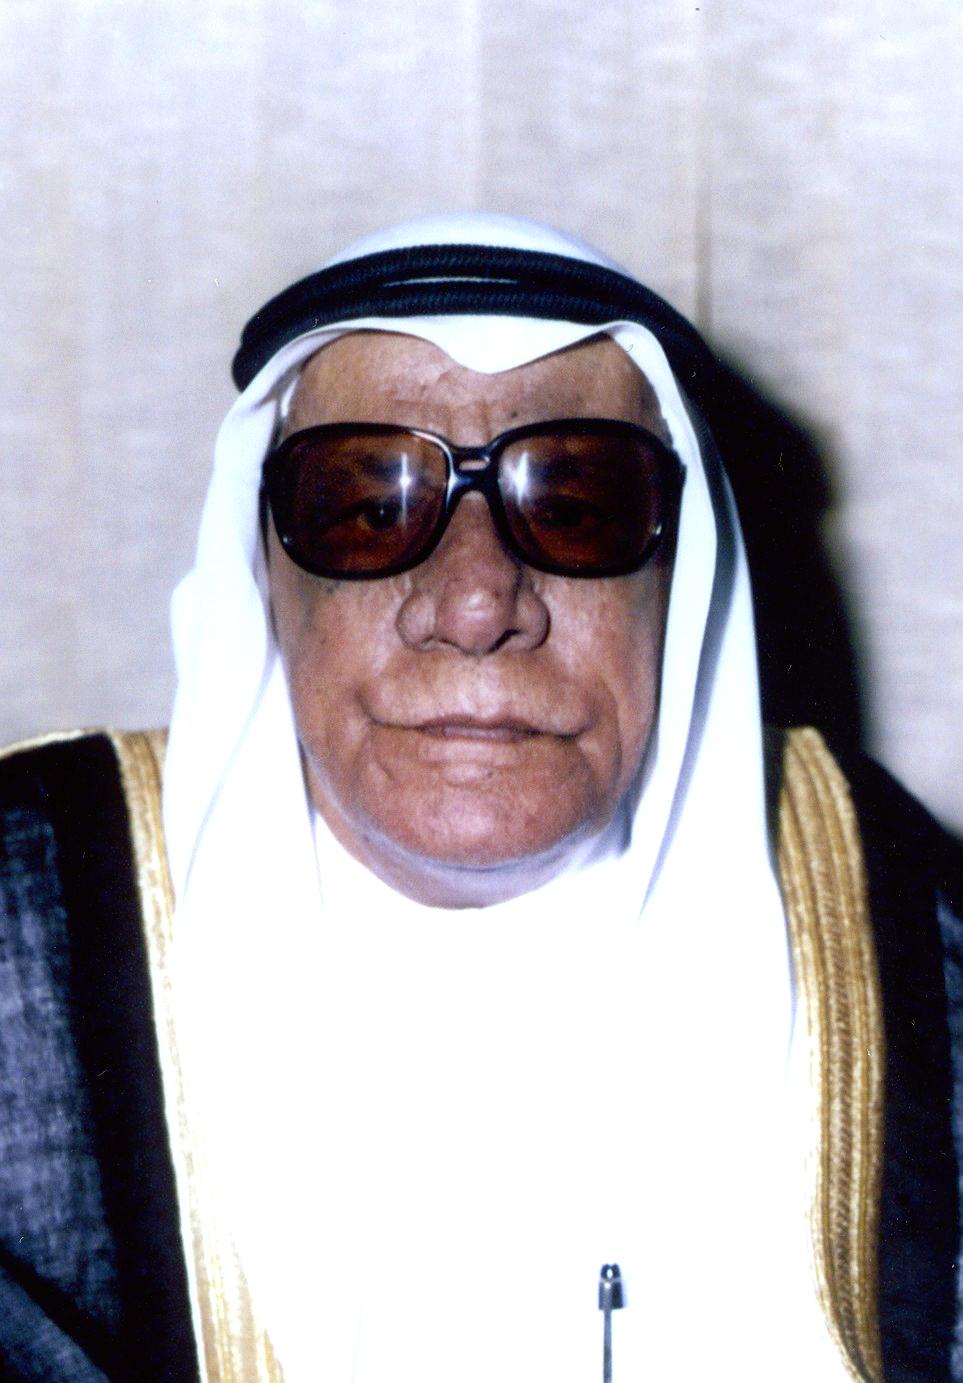 عبدالعزيز عبدالمحسن الراشد